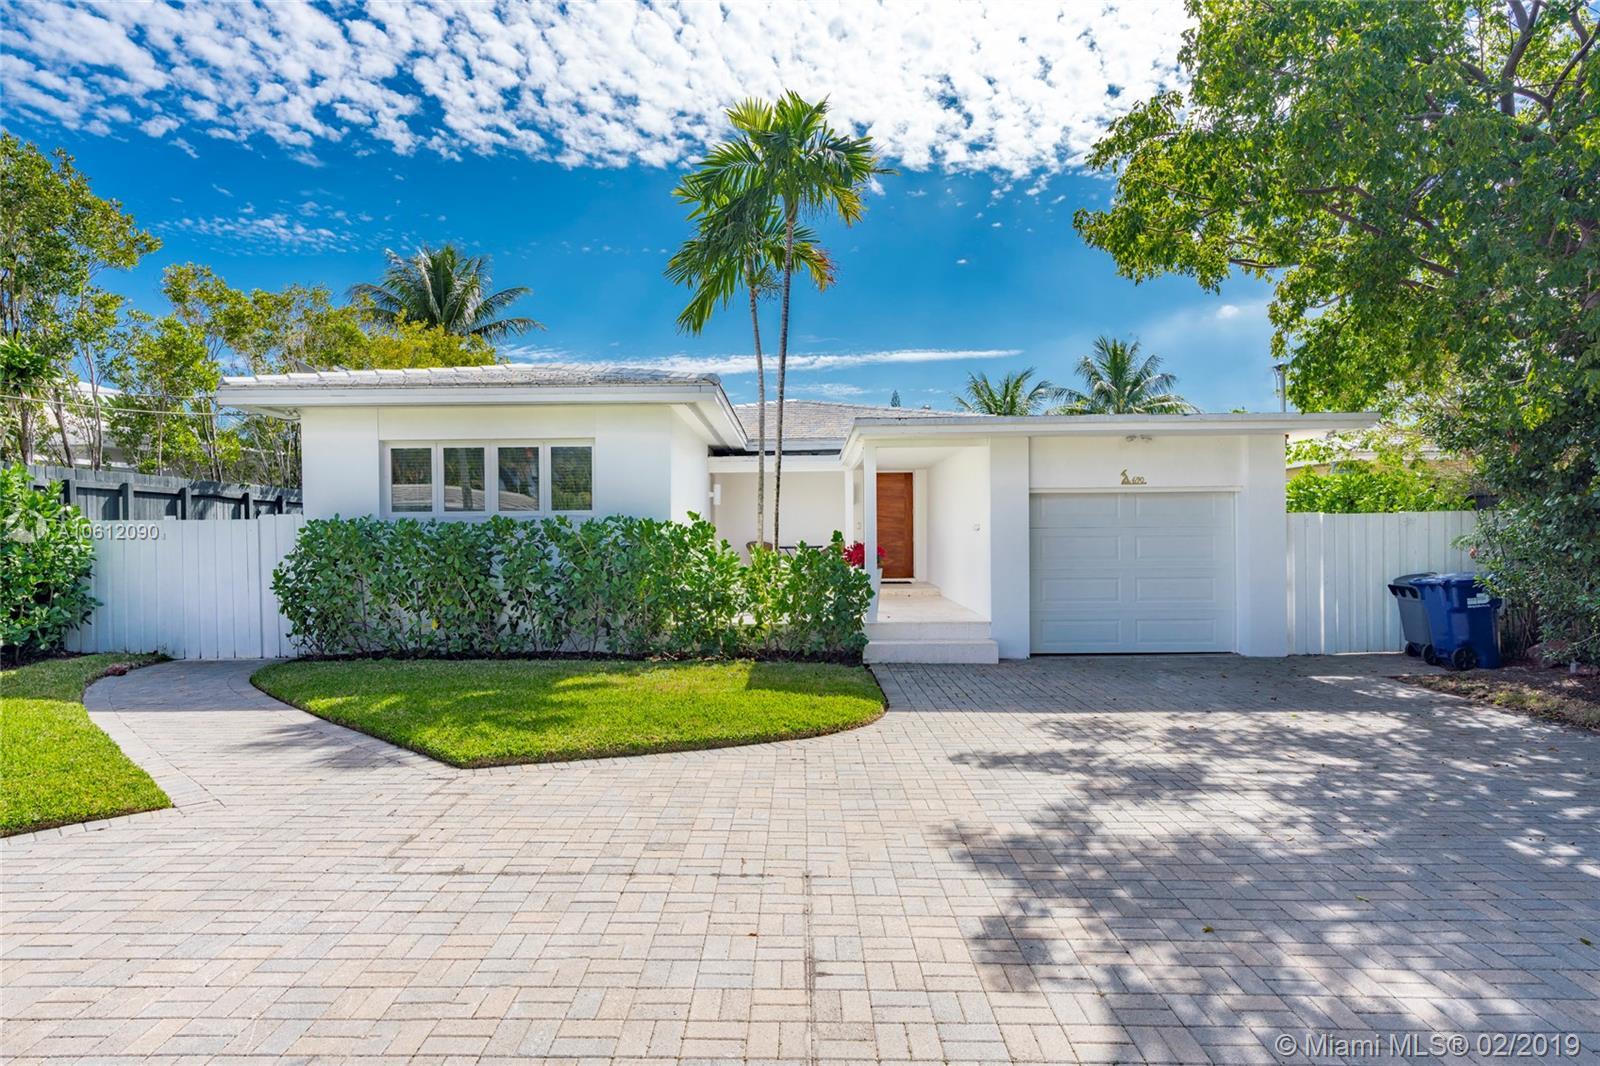 690 S Shore Dr - Miami Beach, Florida